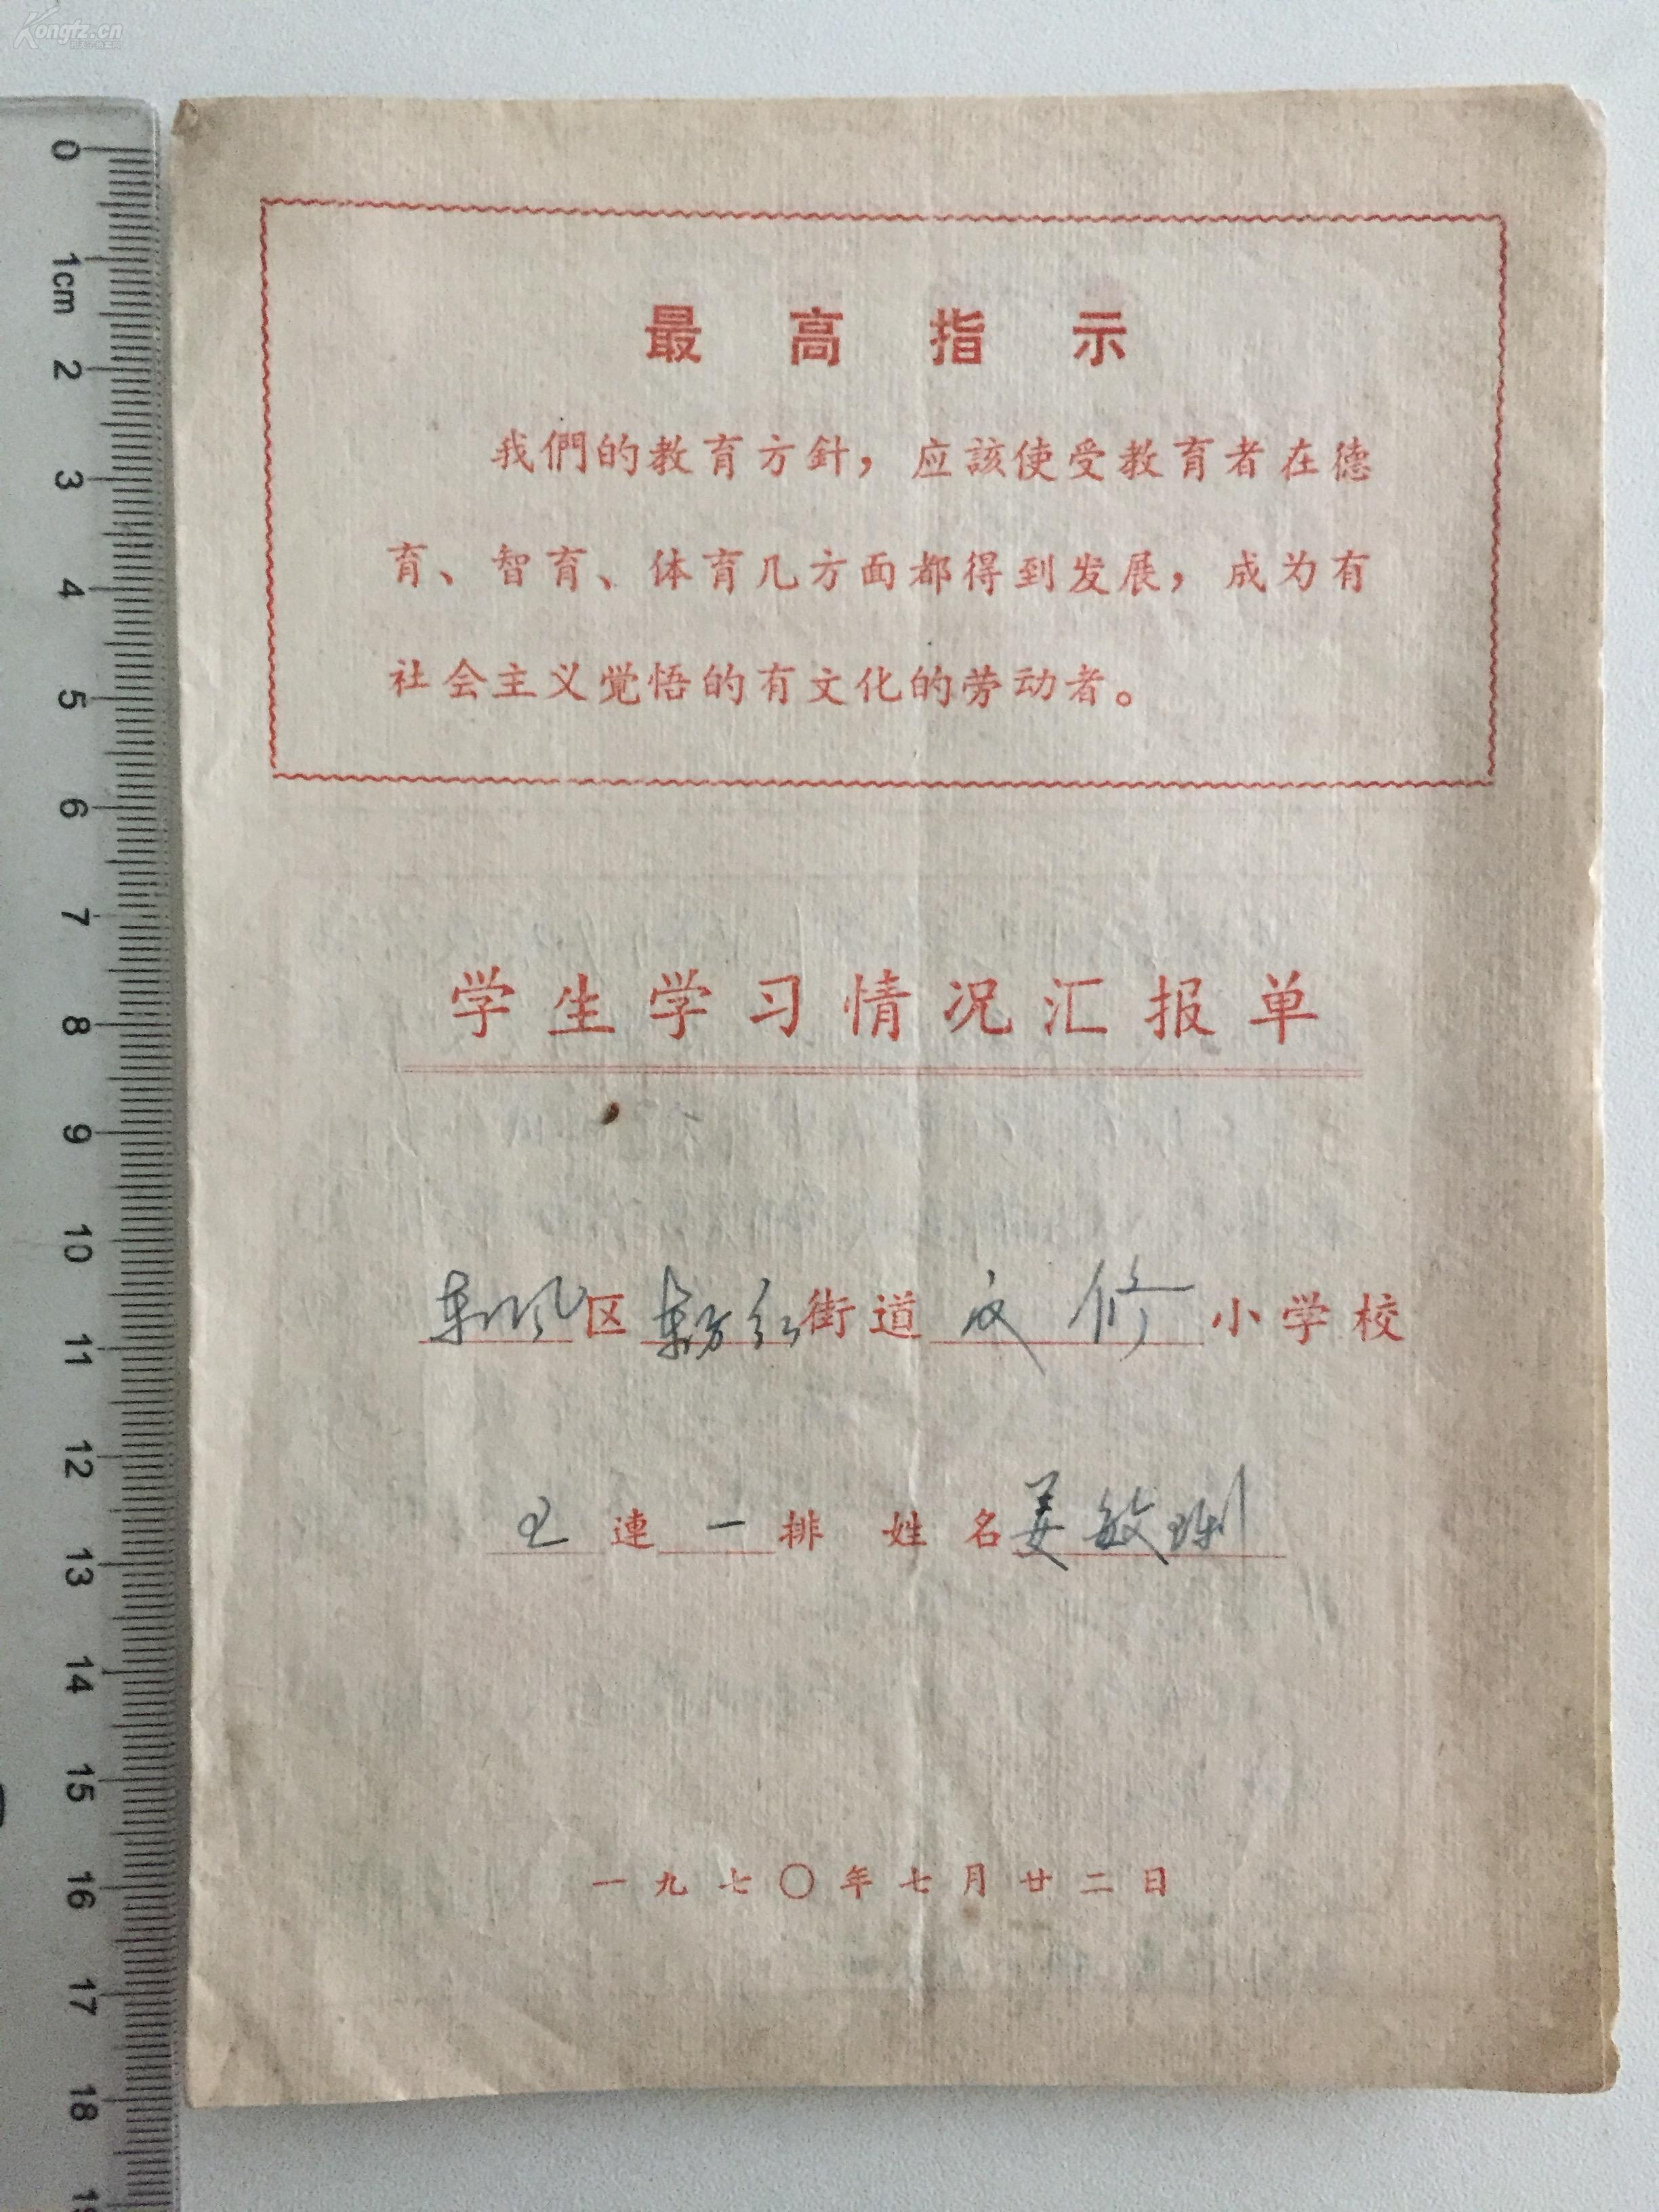 1970年带毛主席语录苏州市东风区反修材料《小学心理健康小学图片